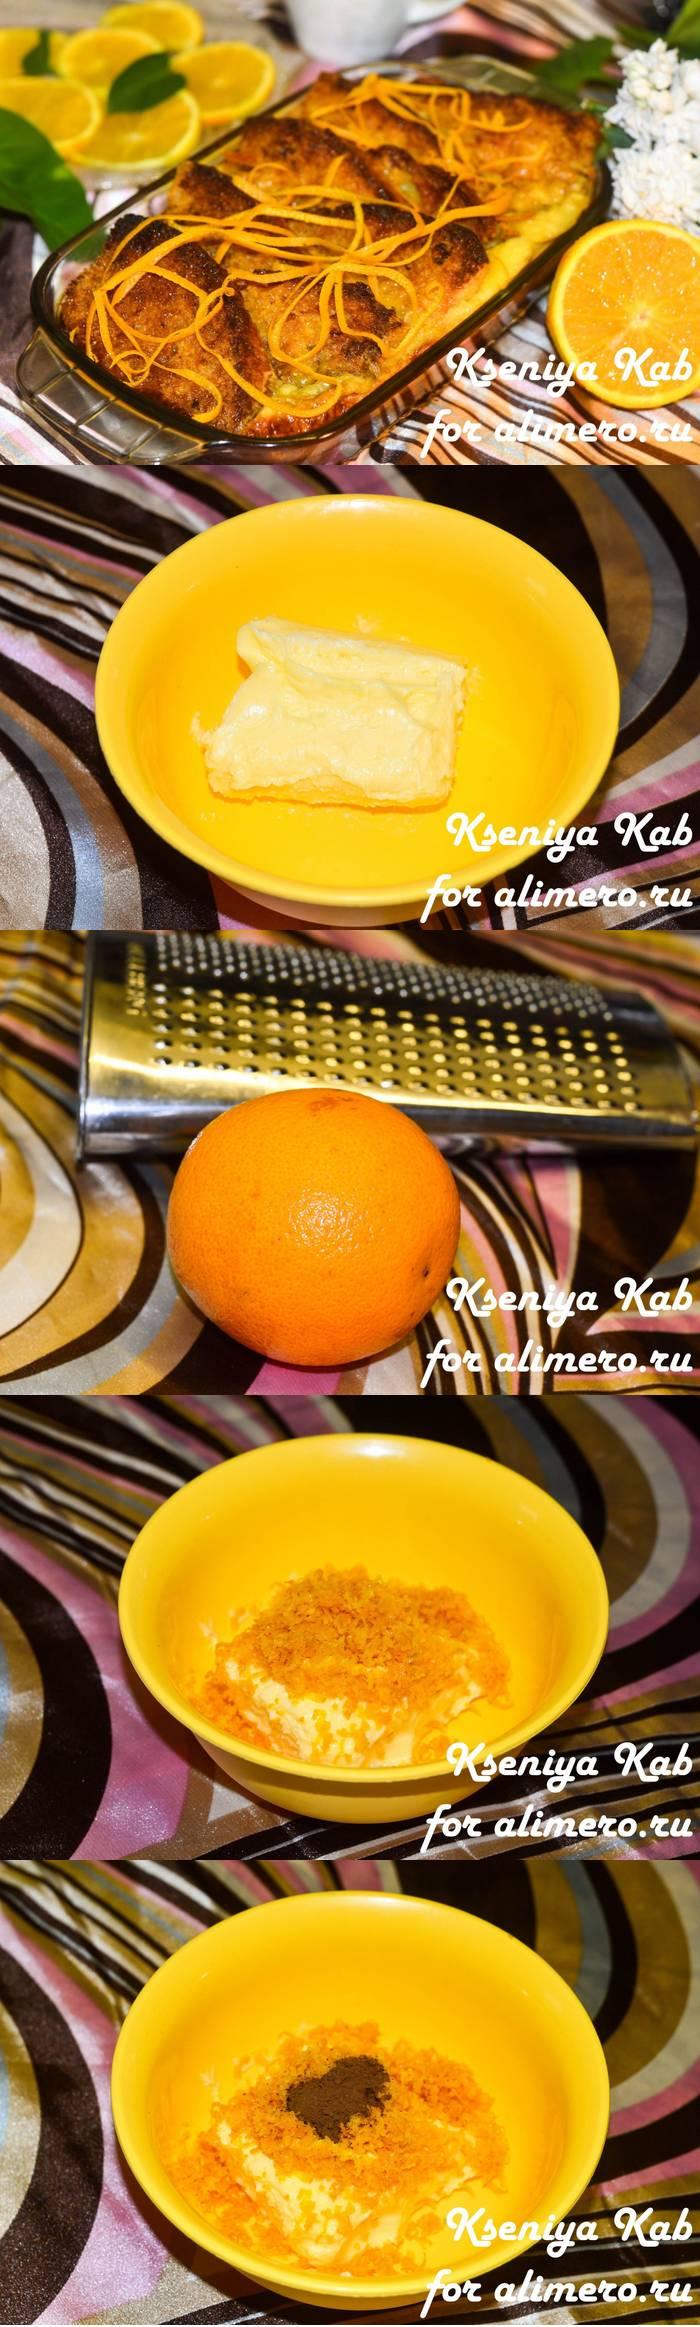 Апельсиновый хлебный пудинг